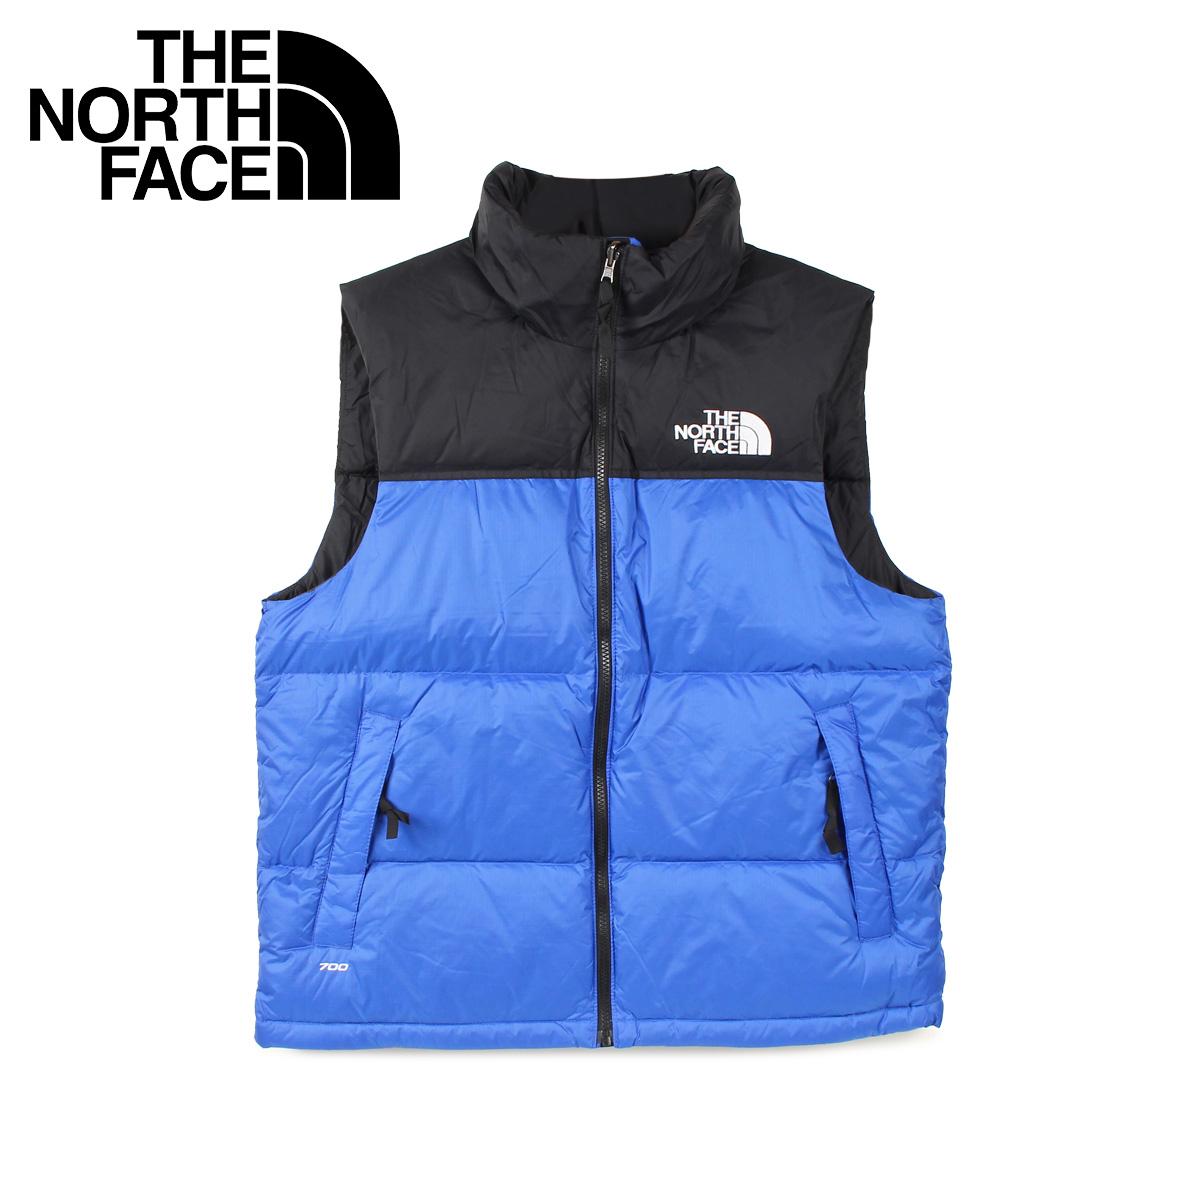 THE NORTH FACE ノースフェイス ダウンベスト ベスト レトロ ヌプシ メンズ 1996 RETRO NUPTSE VEST ブルー NF0A3JQQ